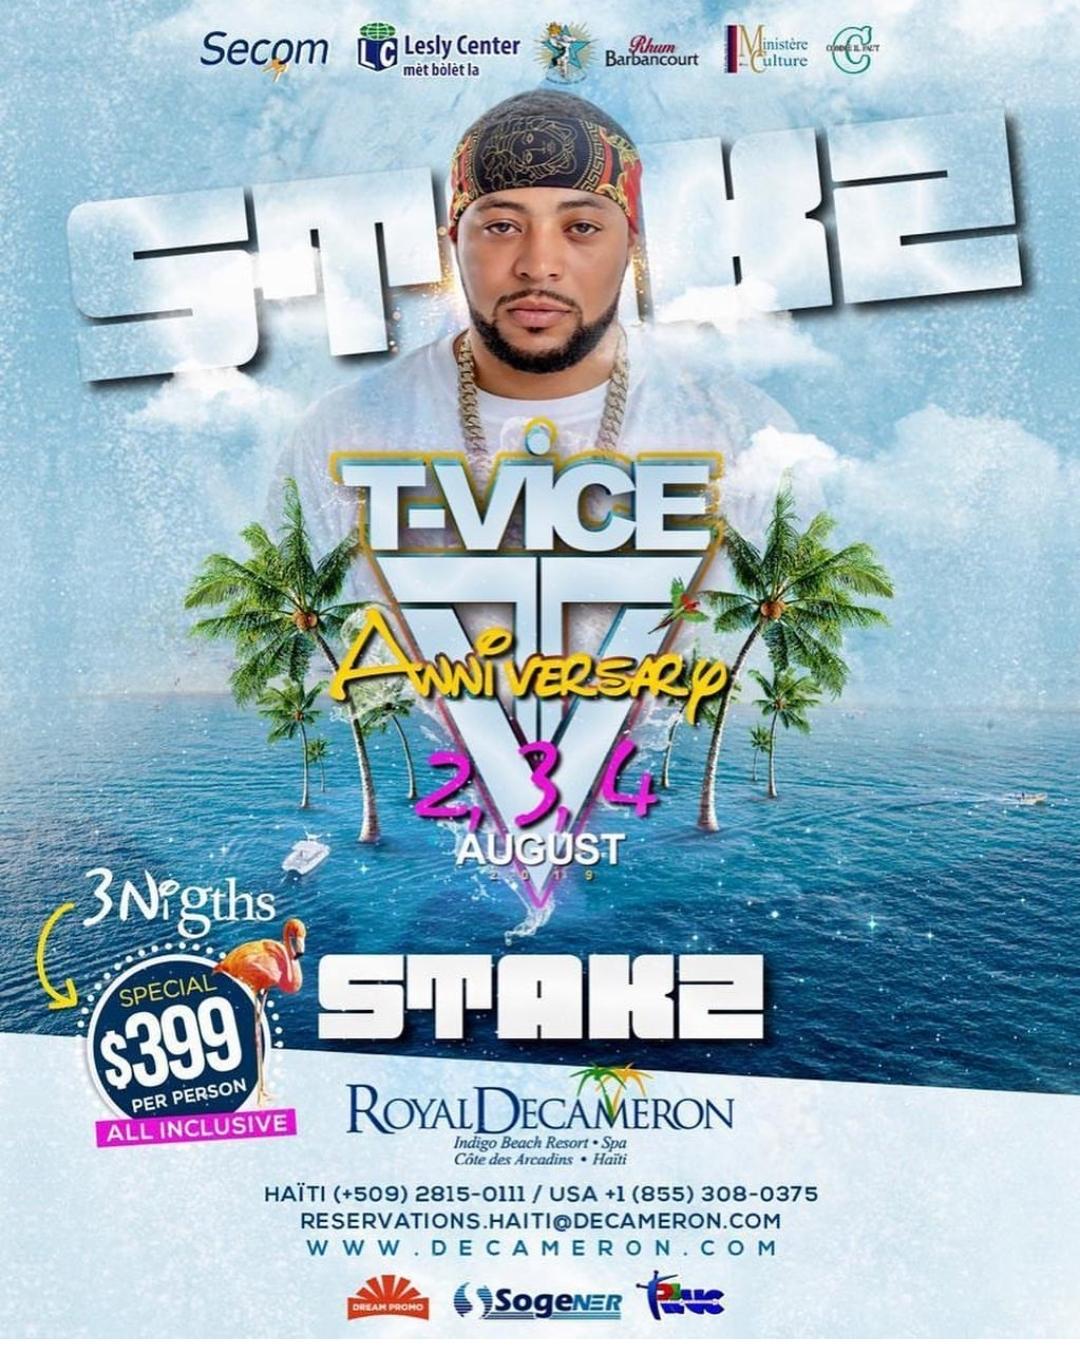 TVice Anniversary - Stakz - August 2 thru August 4.jpg